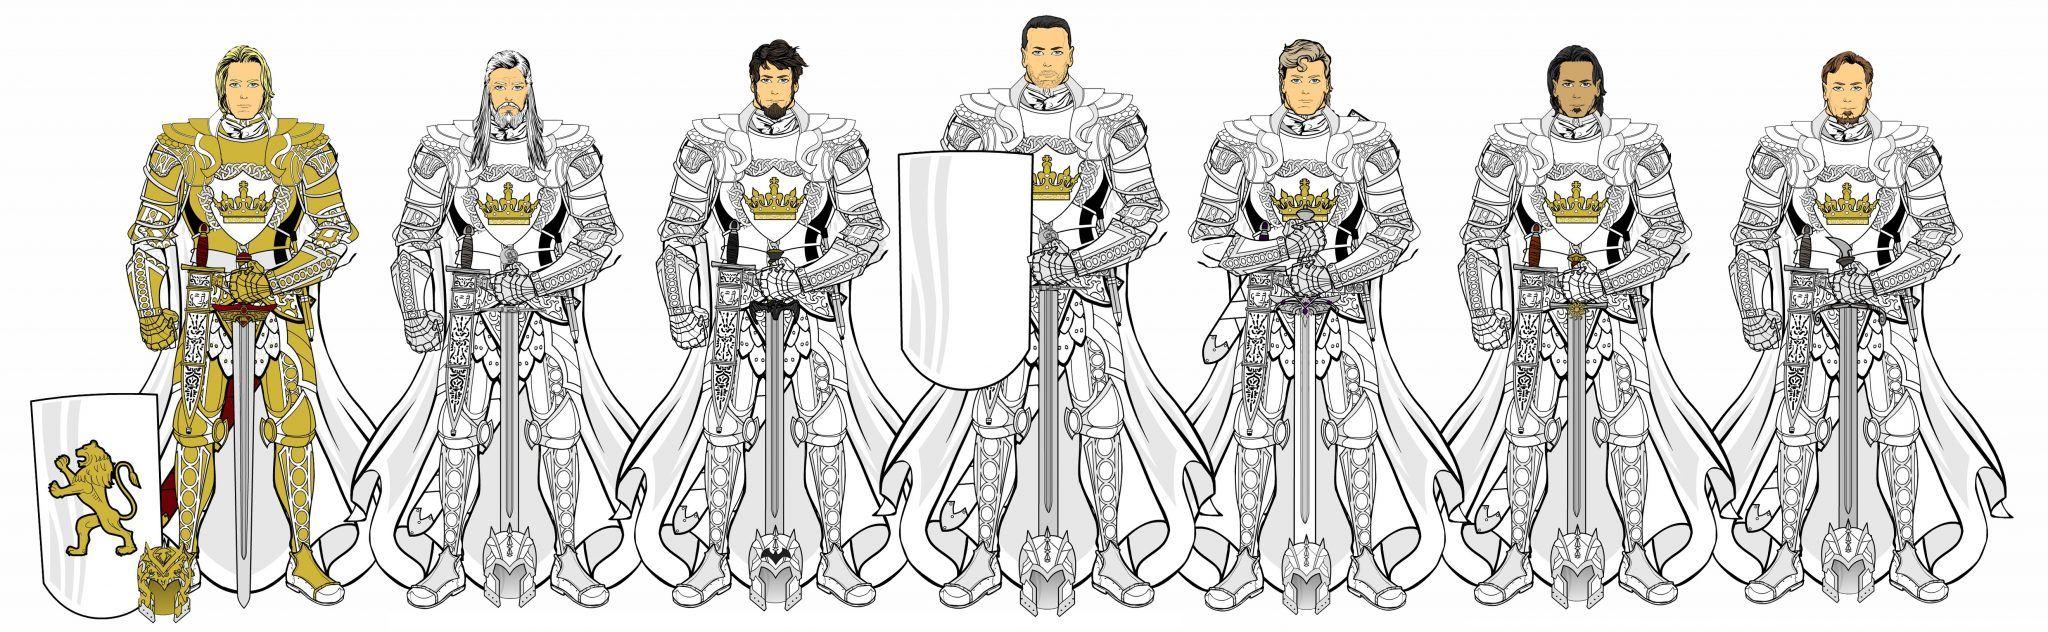 https://winterfell.ir/wp-content/uploads/2018/08/aerys_ii_s_kingsguard_by_acidfusion-d6a1kye.jpg